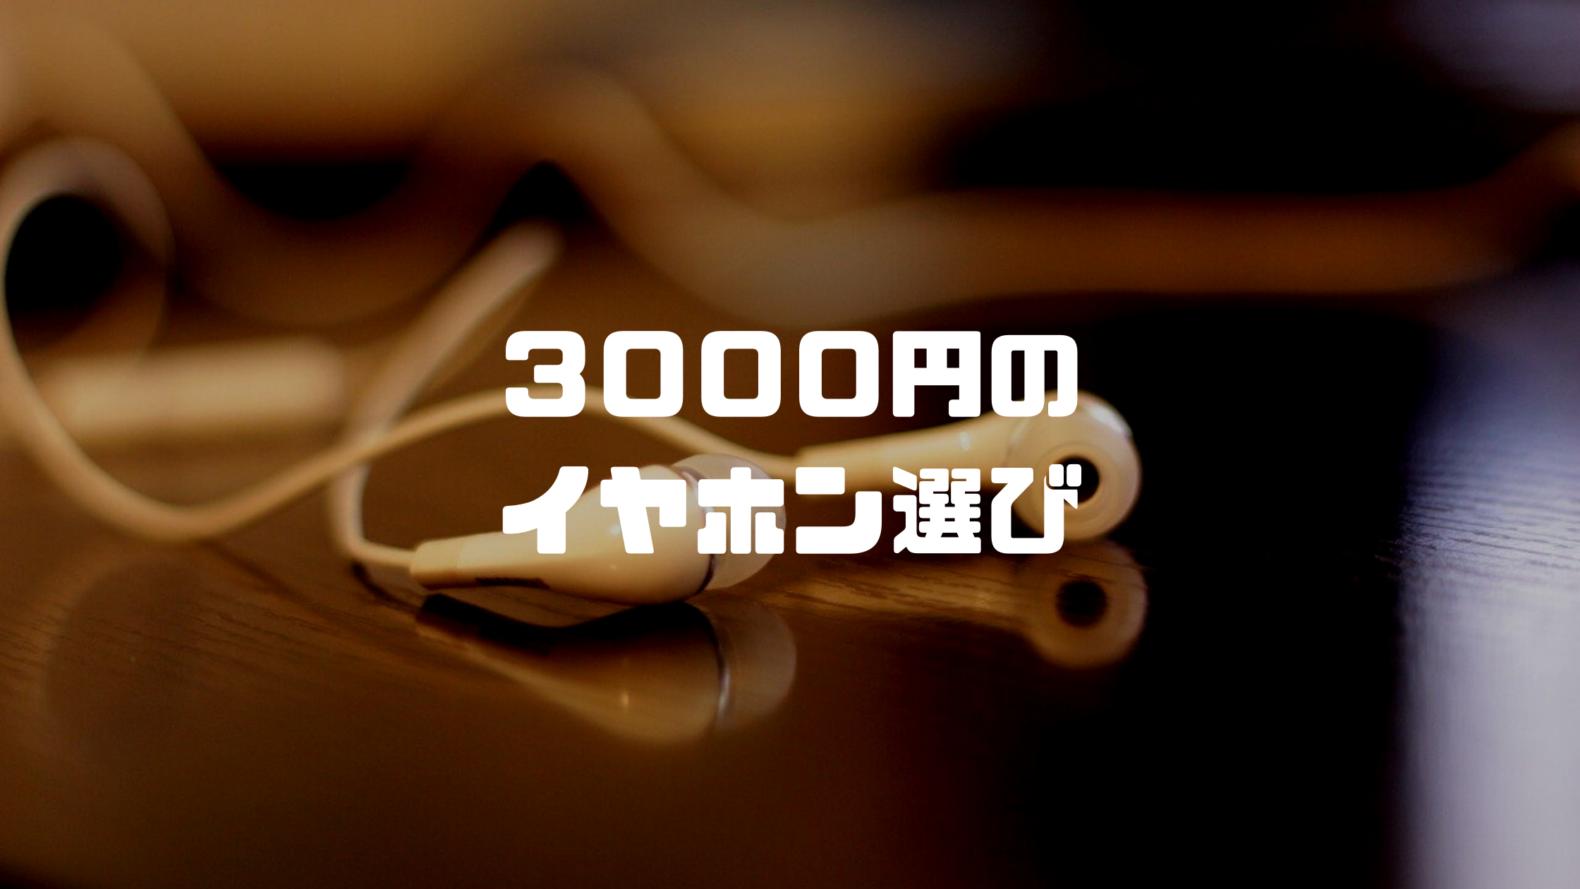 3000円の イヤホン選び